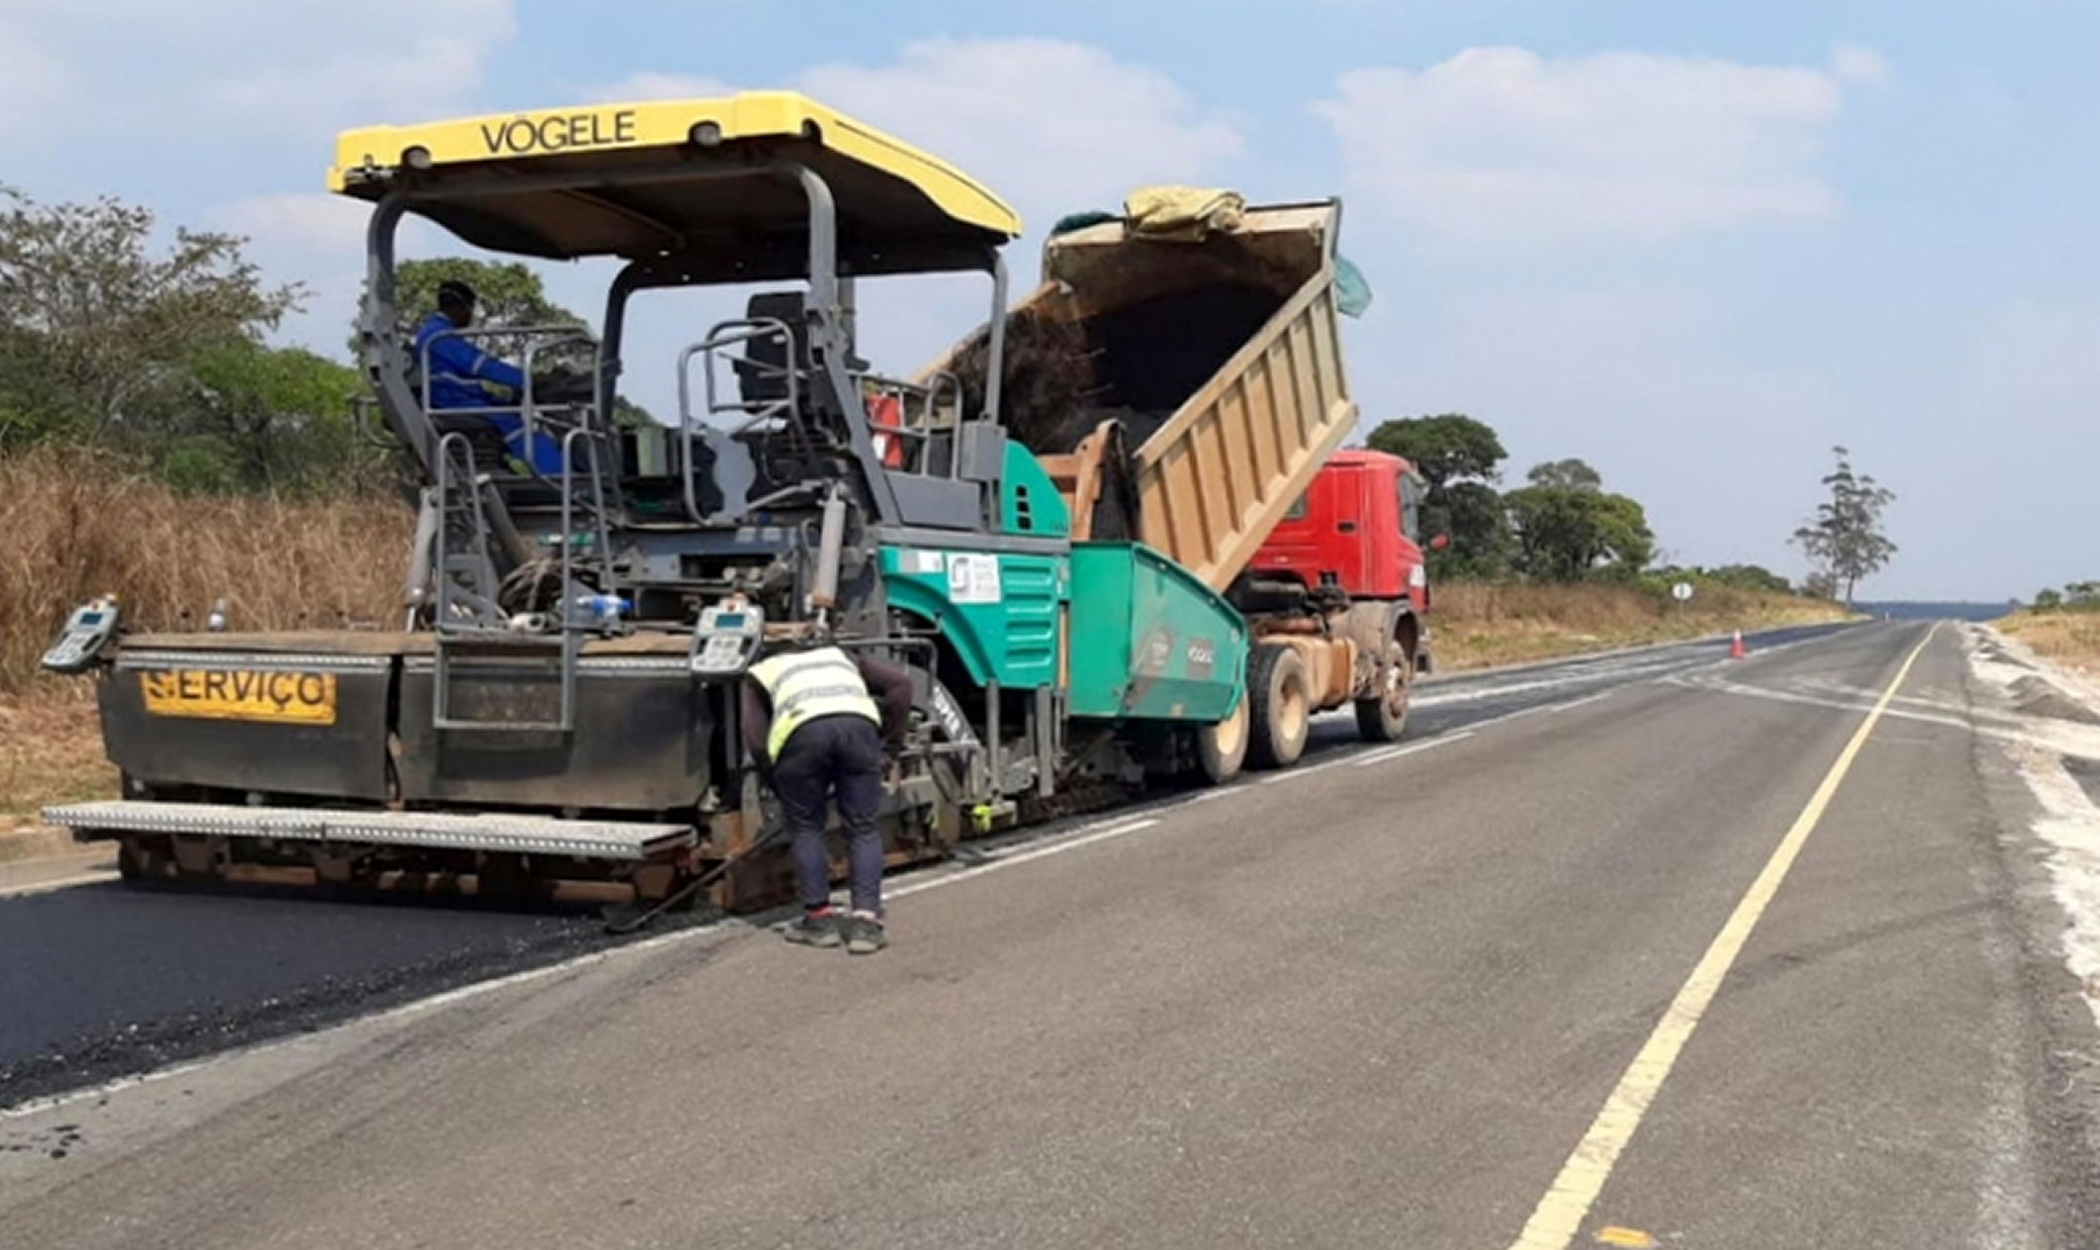 Reabilitação da Estrada Nacional 320, no Troço Rio Cuxila / Lucala